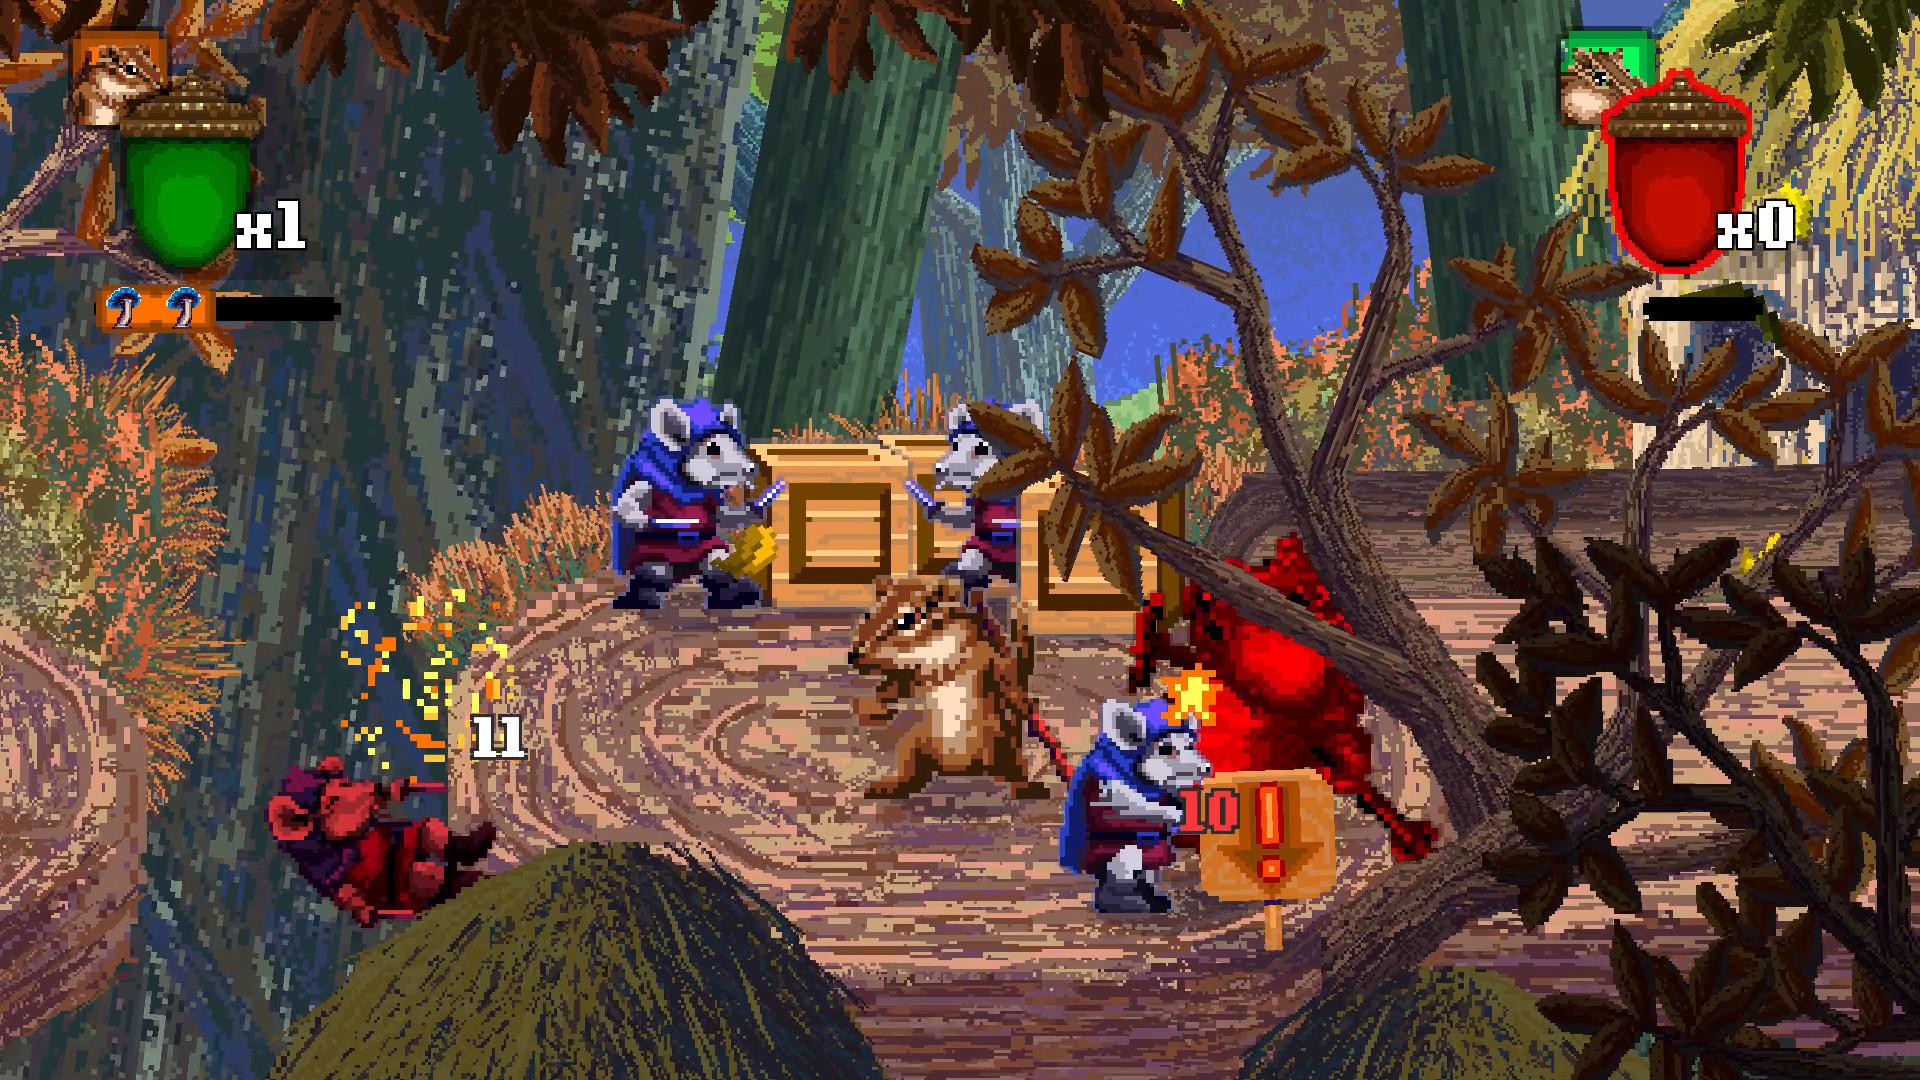 花栗鼠勇士图片